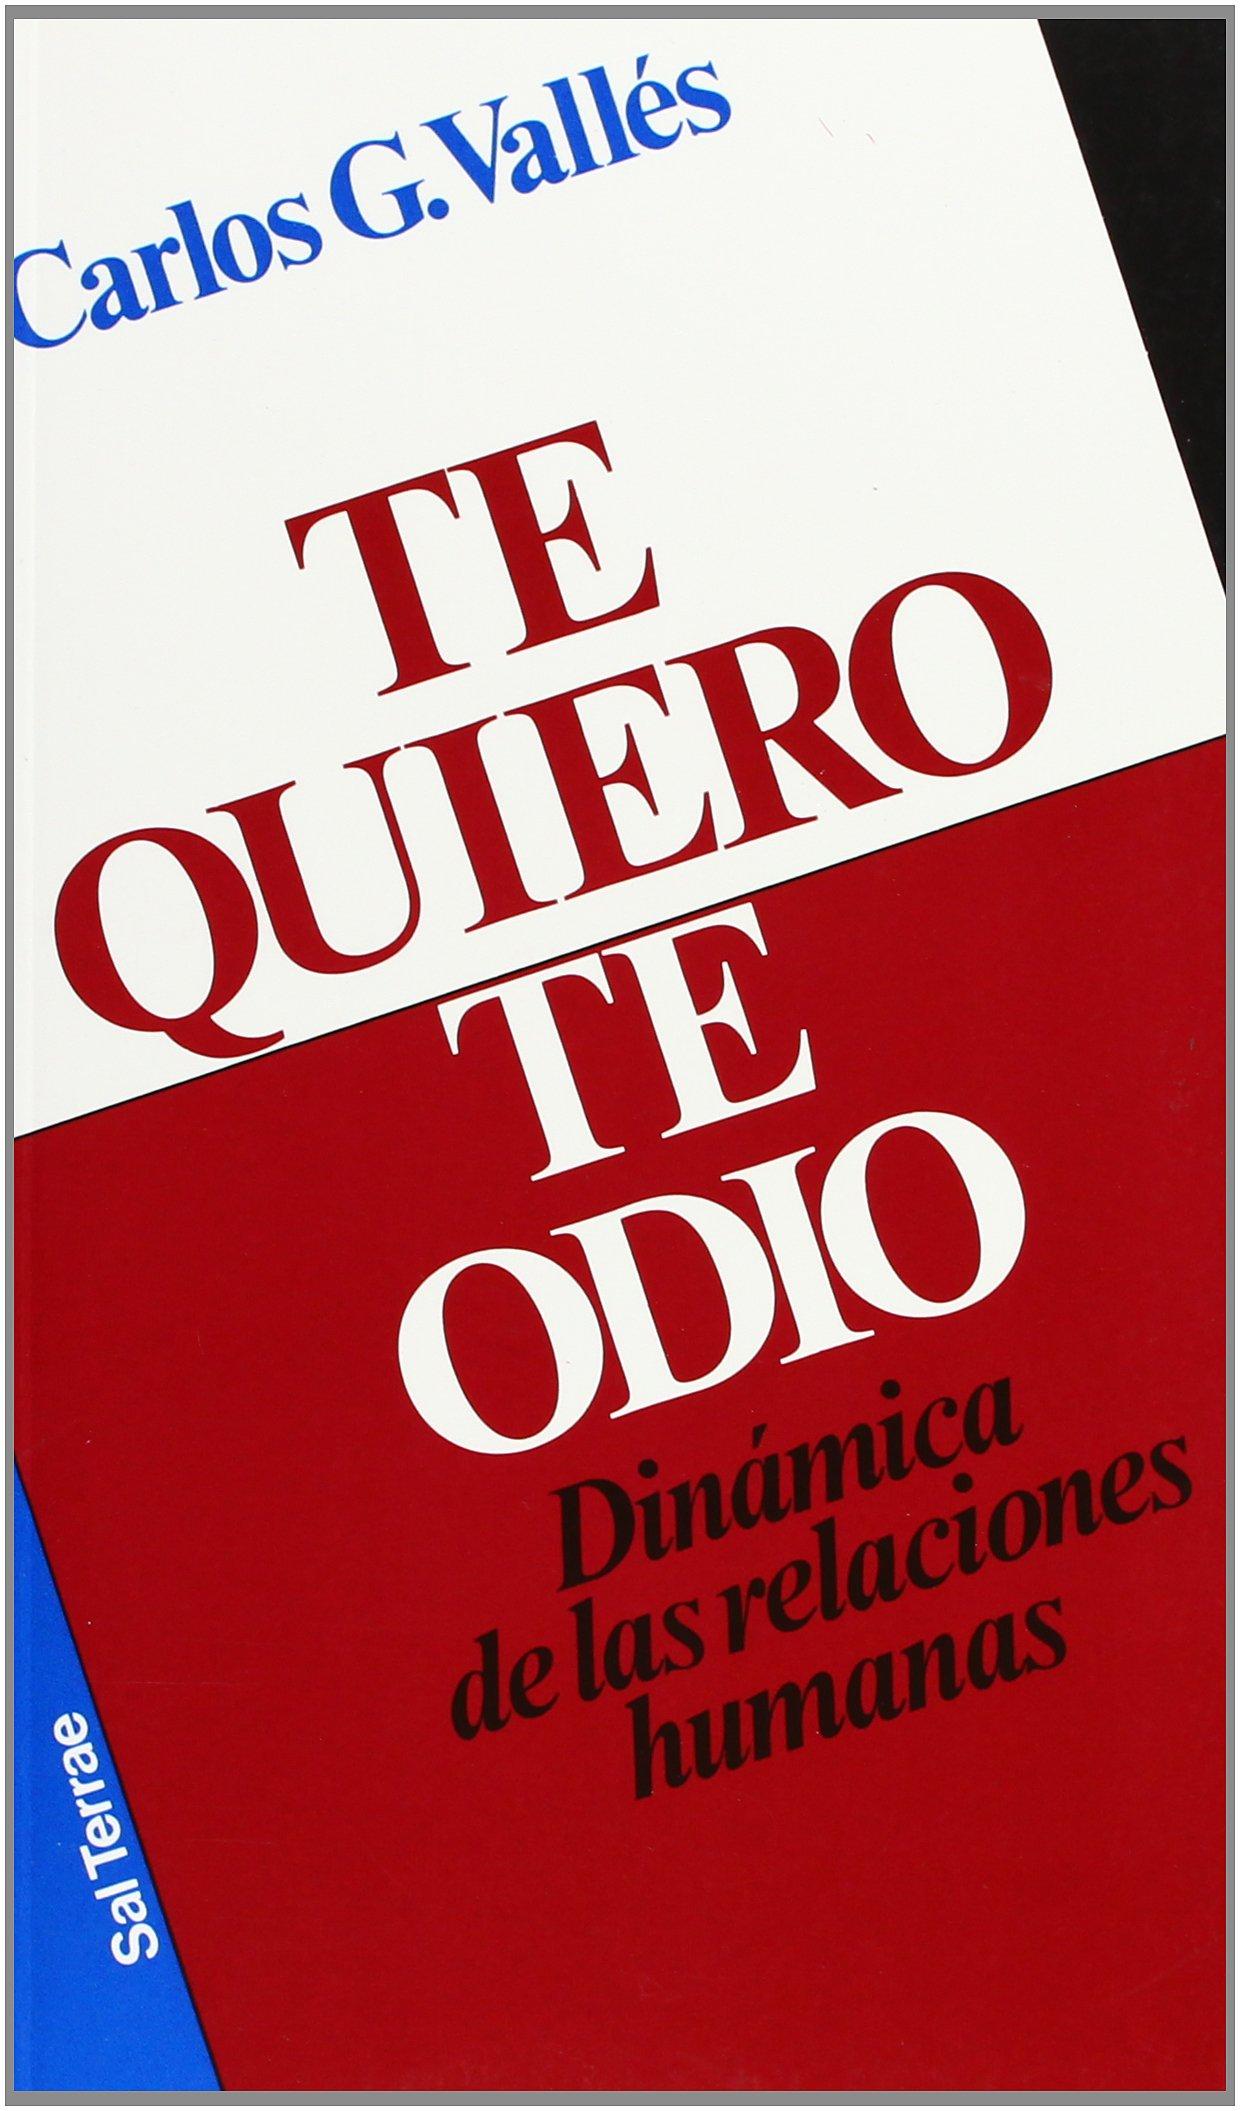 Te quiero, te odio: Dinámica de las relaciones humanas Proyecto: Amazon.es: Carlos González Vallés: Libros